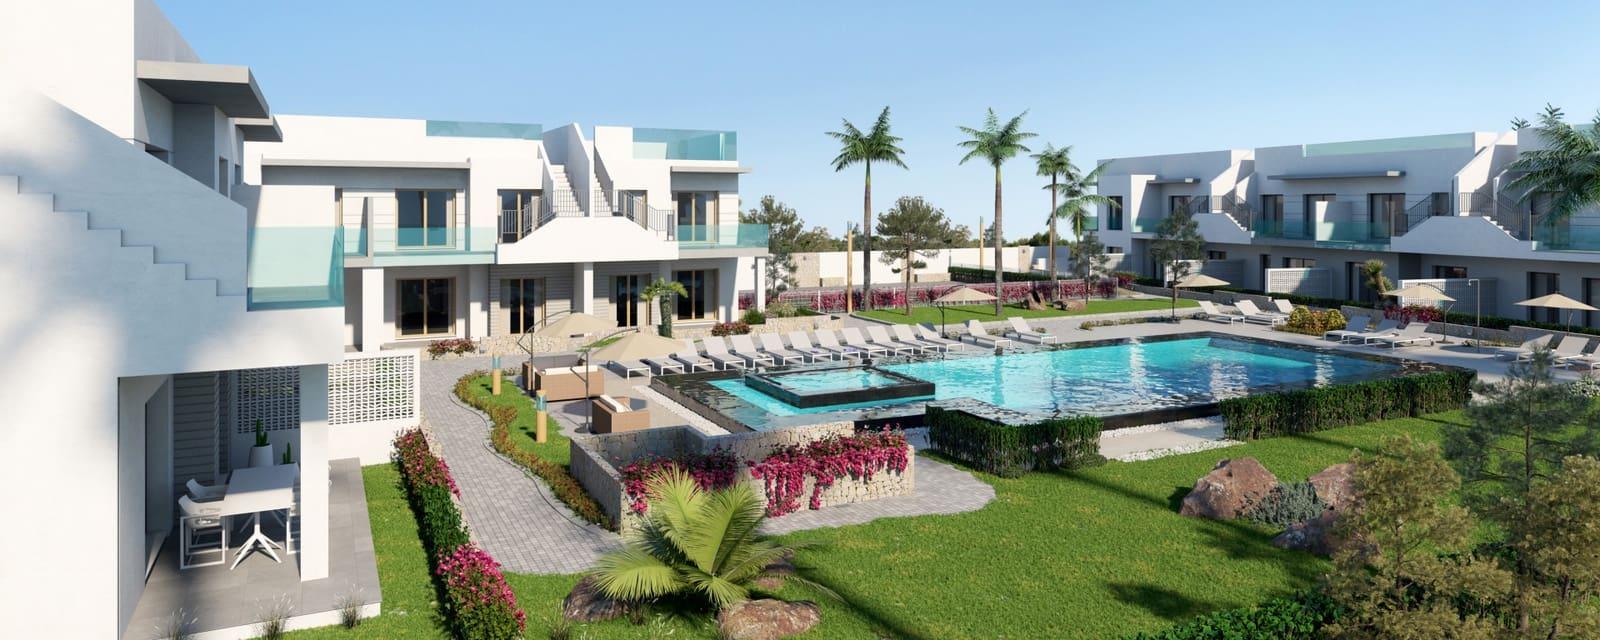 Piso de 2 habitaciones en Pilar de la Horadada en venta - 131.000 € (Ref: 5099947)